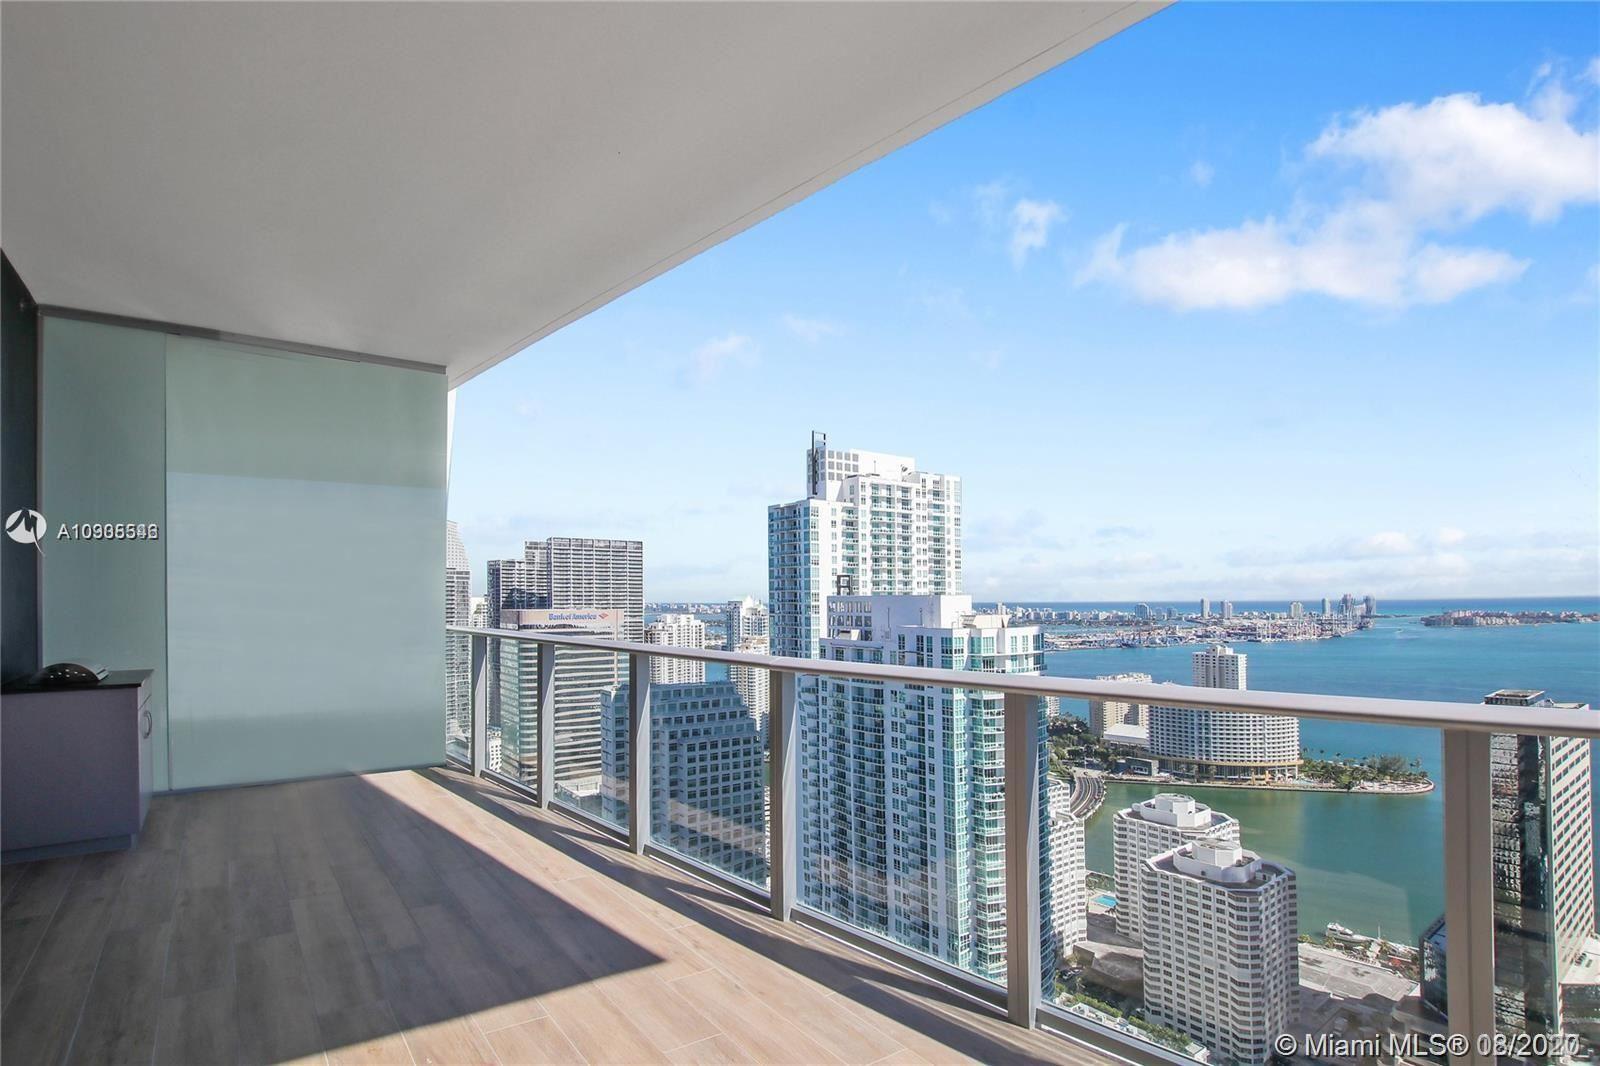 1010 BRICKELL AV #4705, Miami, FL 33131 - #: A10905546